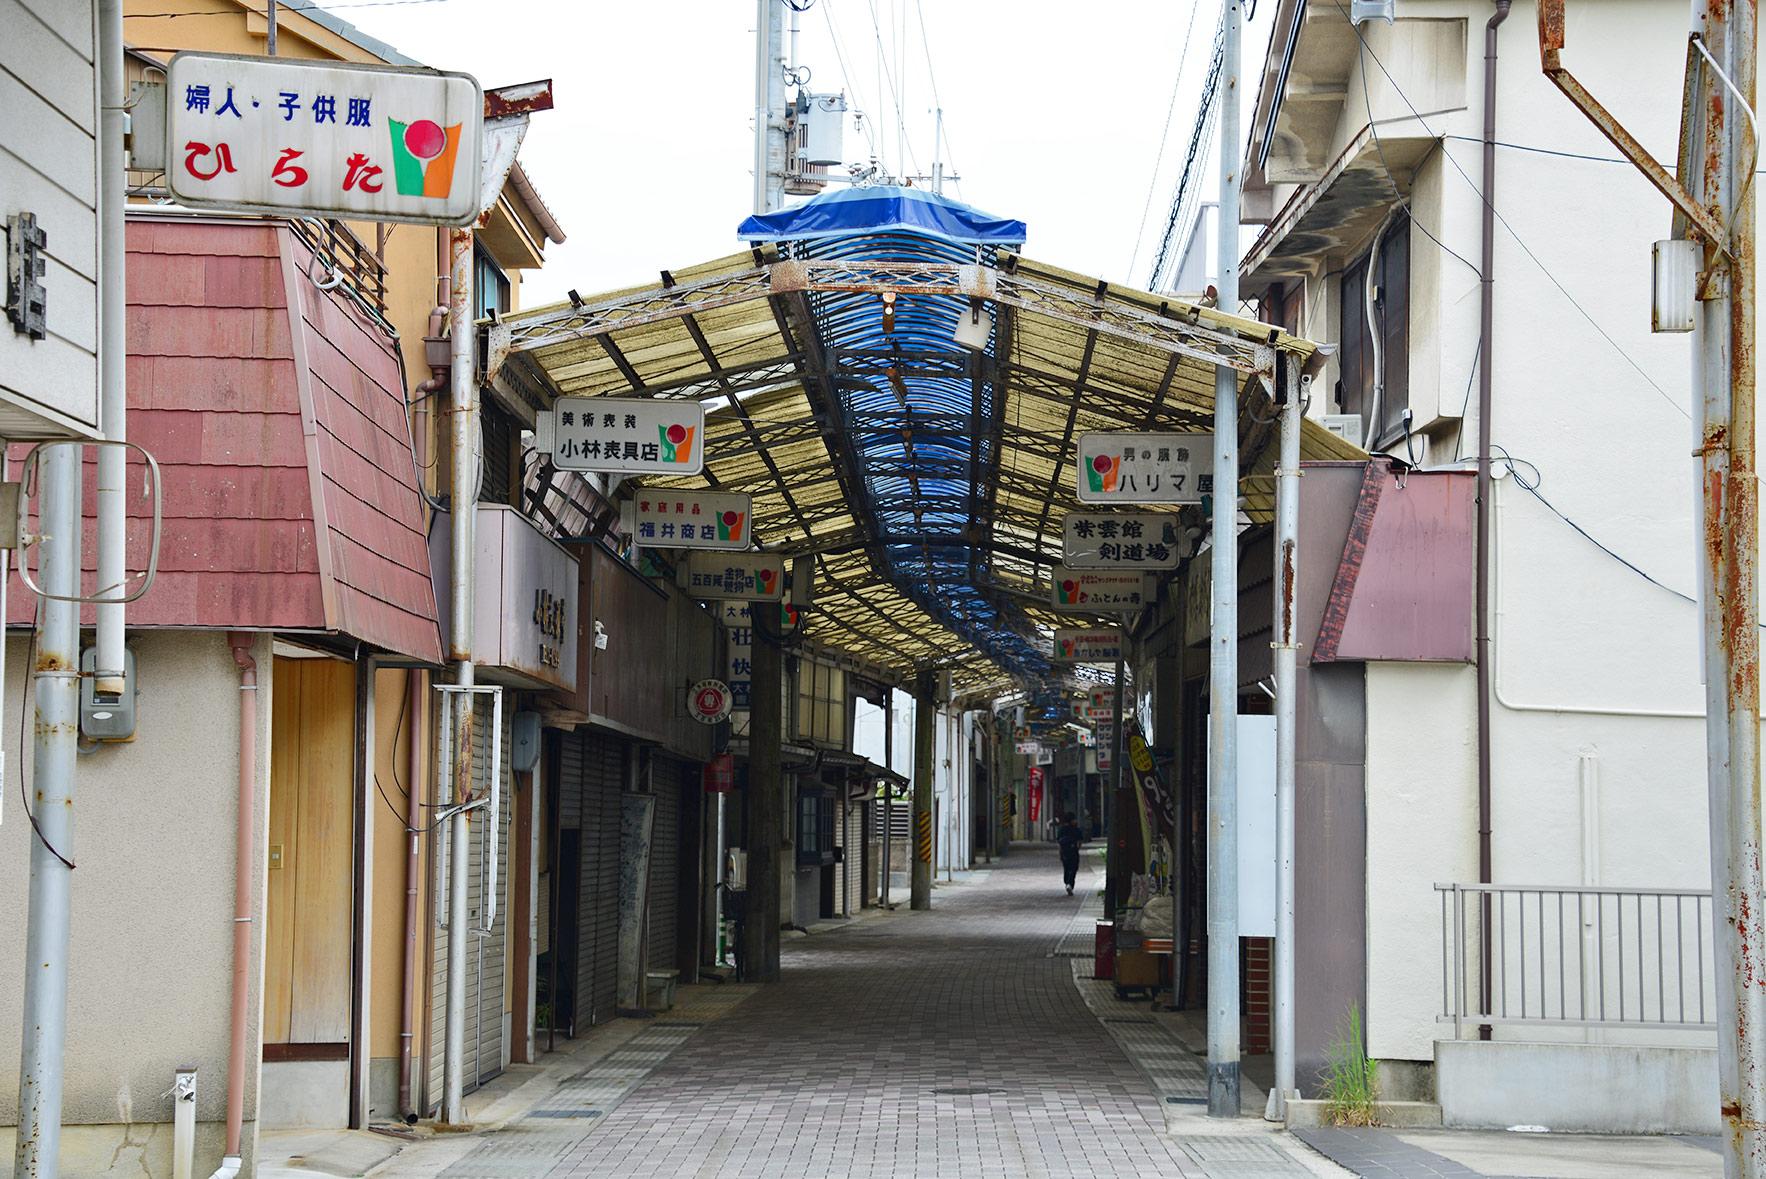 看板が上がっていても廃業した店舗があり、昼間でも多くのシャッターが下りているナメラ商店街。